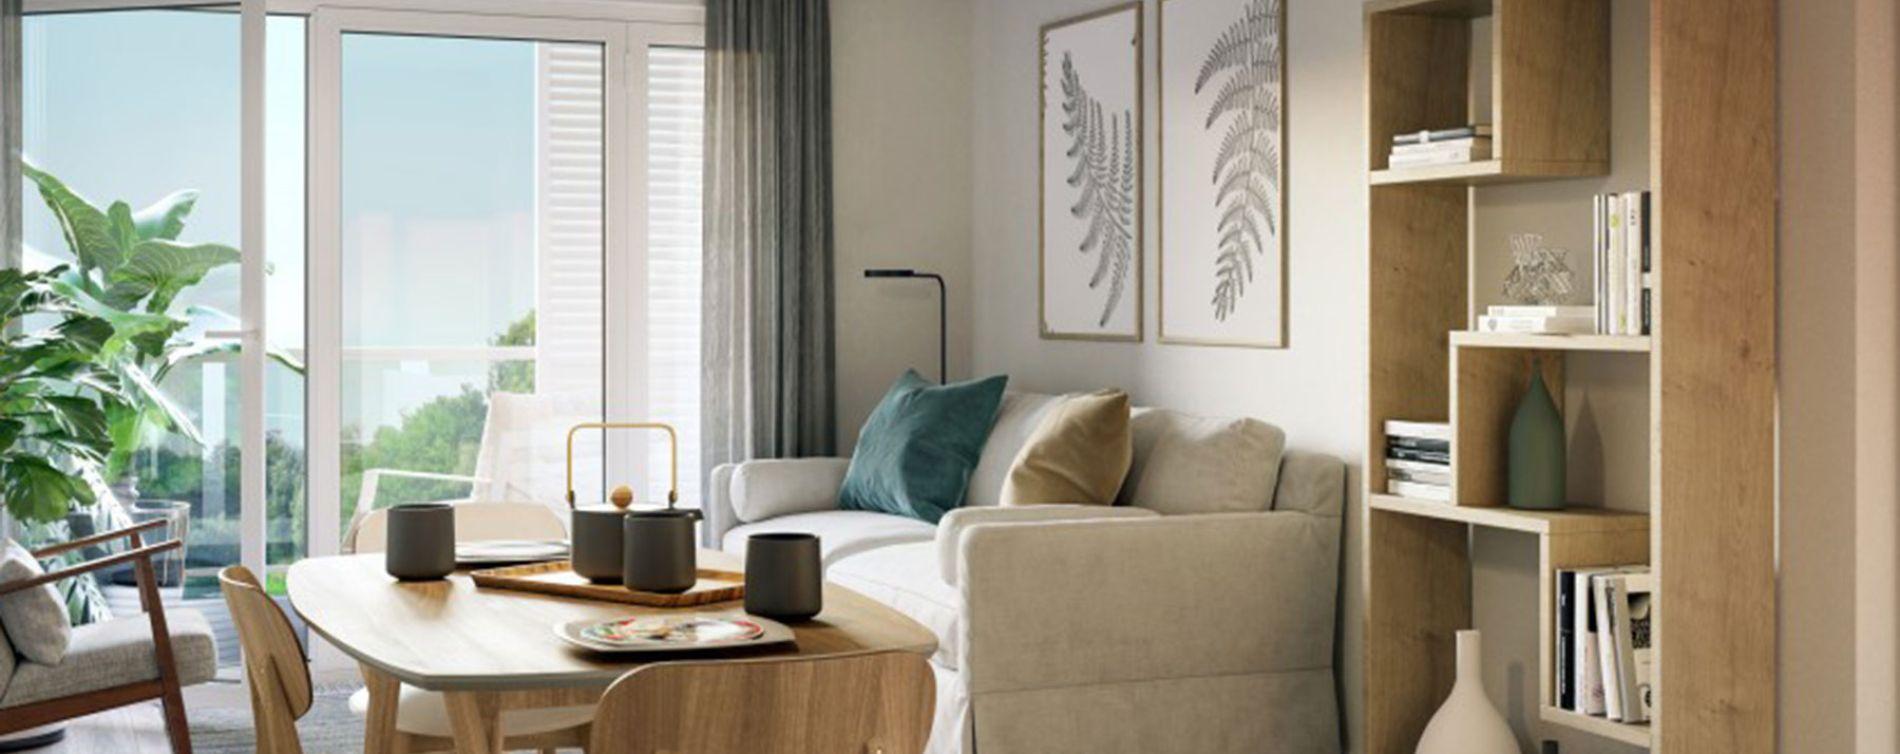 Blainville-sur-Orne : programme immobilier neuve « Rosa Alba » (3)